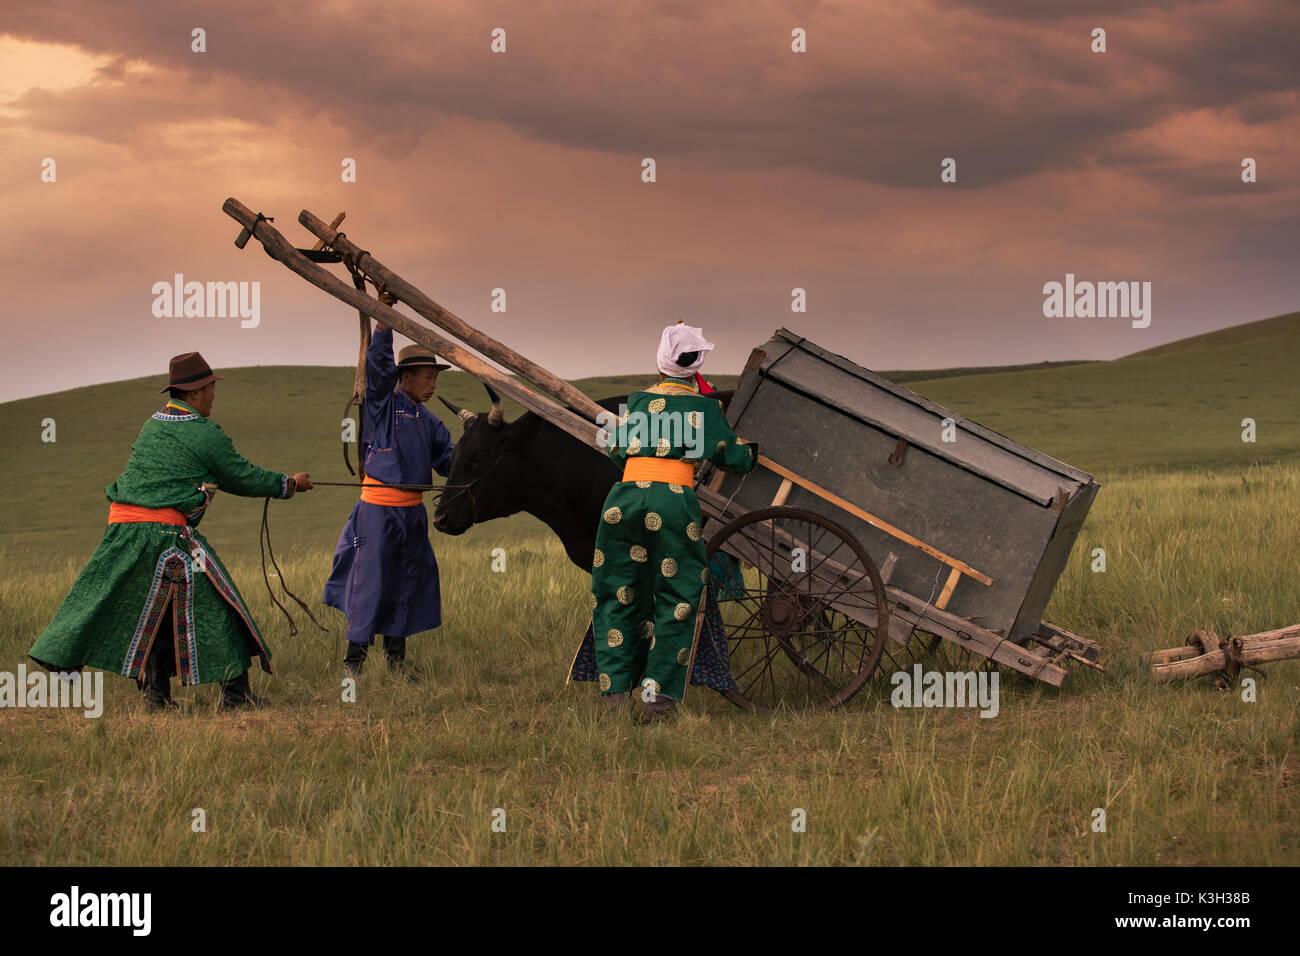 Mongolia interna, Cina-luglio 31, 2017: popolo nomade della Mongolia preparare la mucca carrello nella prateria. Immagini Stock